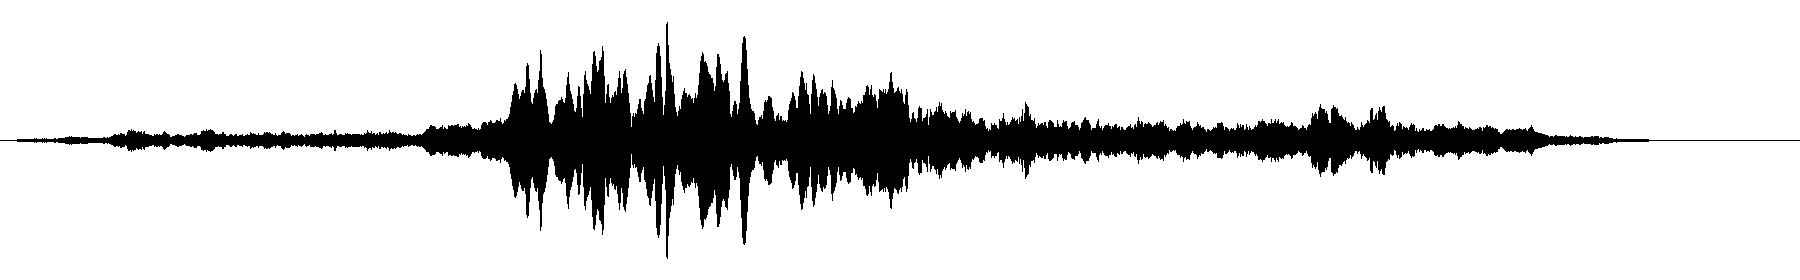 bluezone xworld sound 108